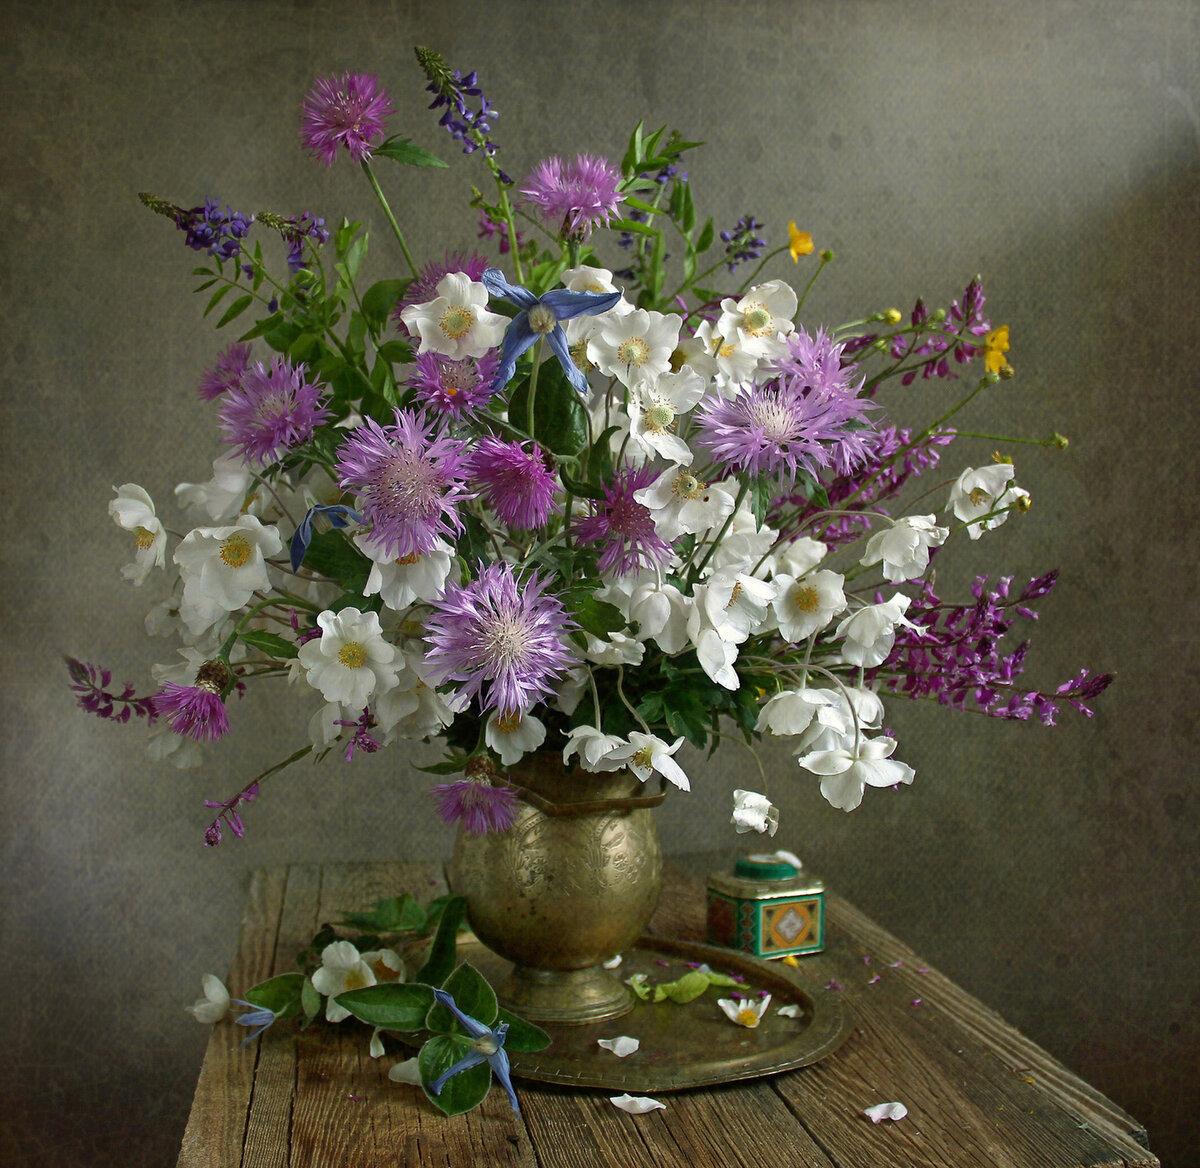 полевые цветы натюрморт фото можно самому